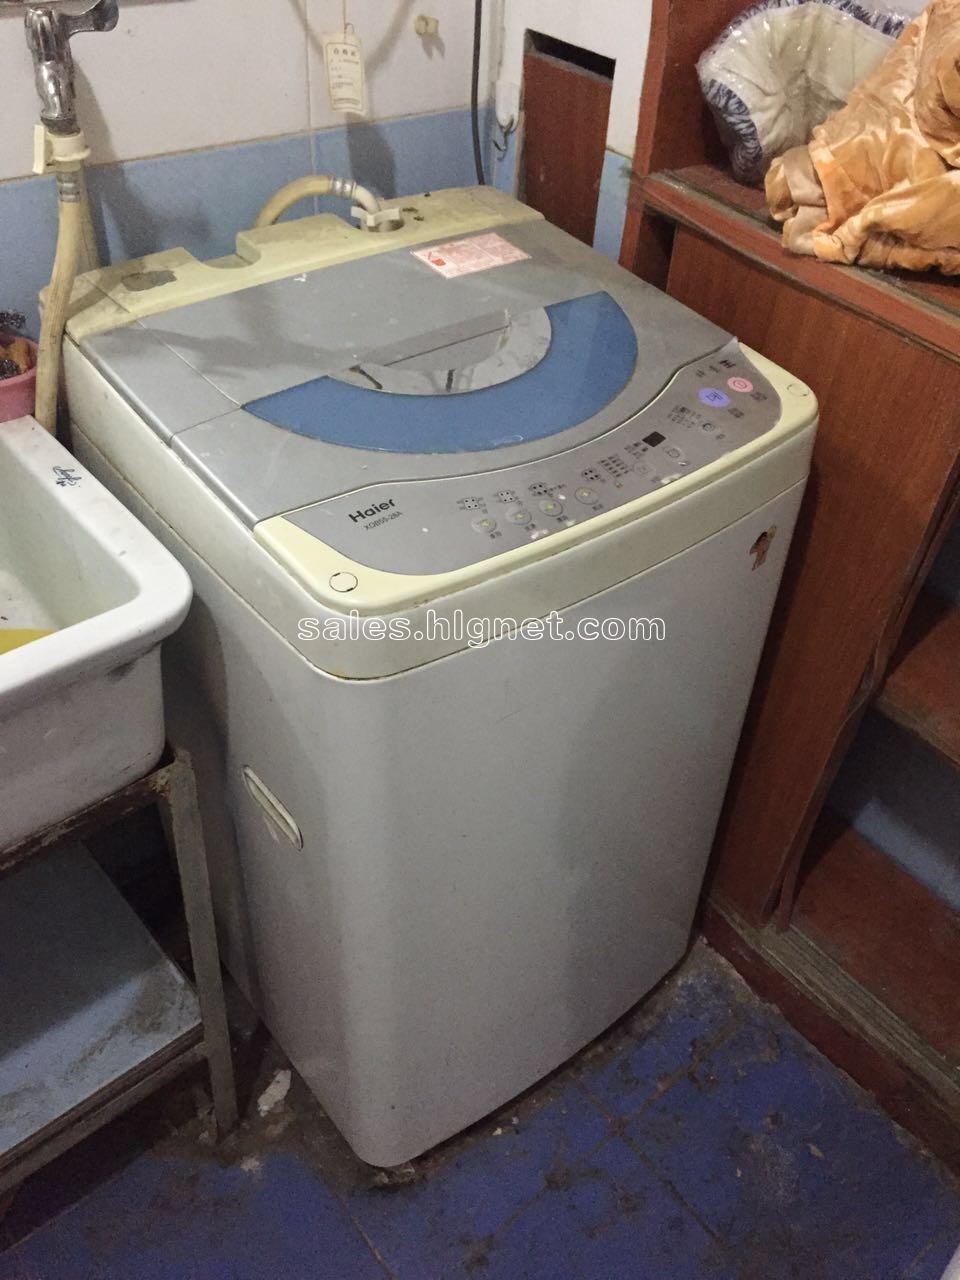 > 显示交易信息  海尔小神童洗衣机一台,正常使用,无维修史,面板有些